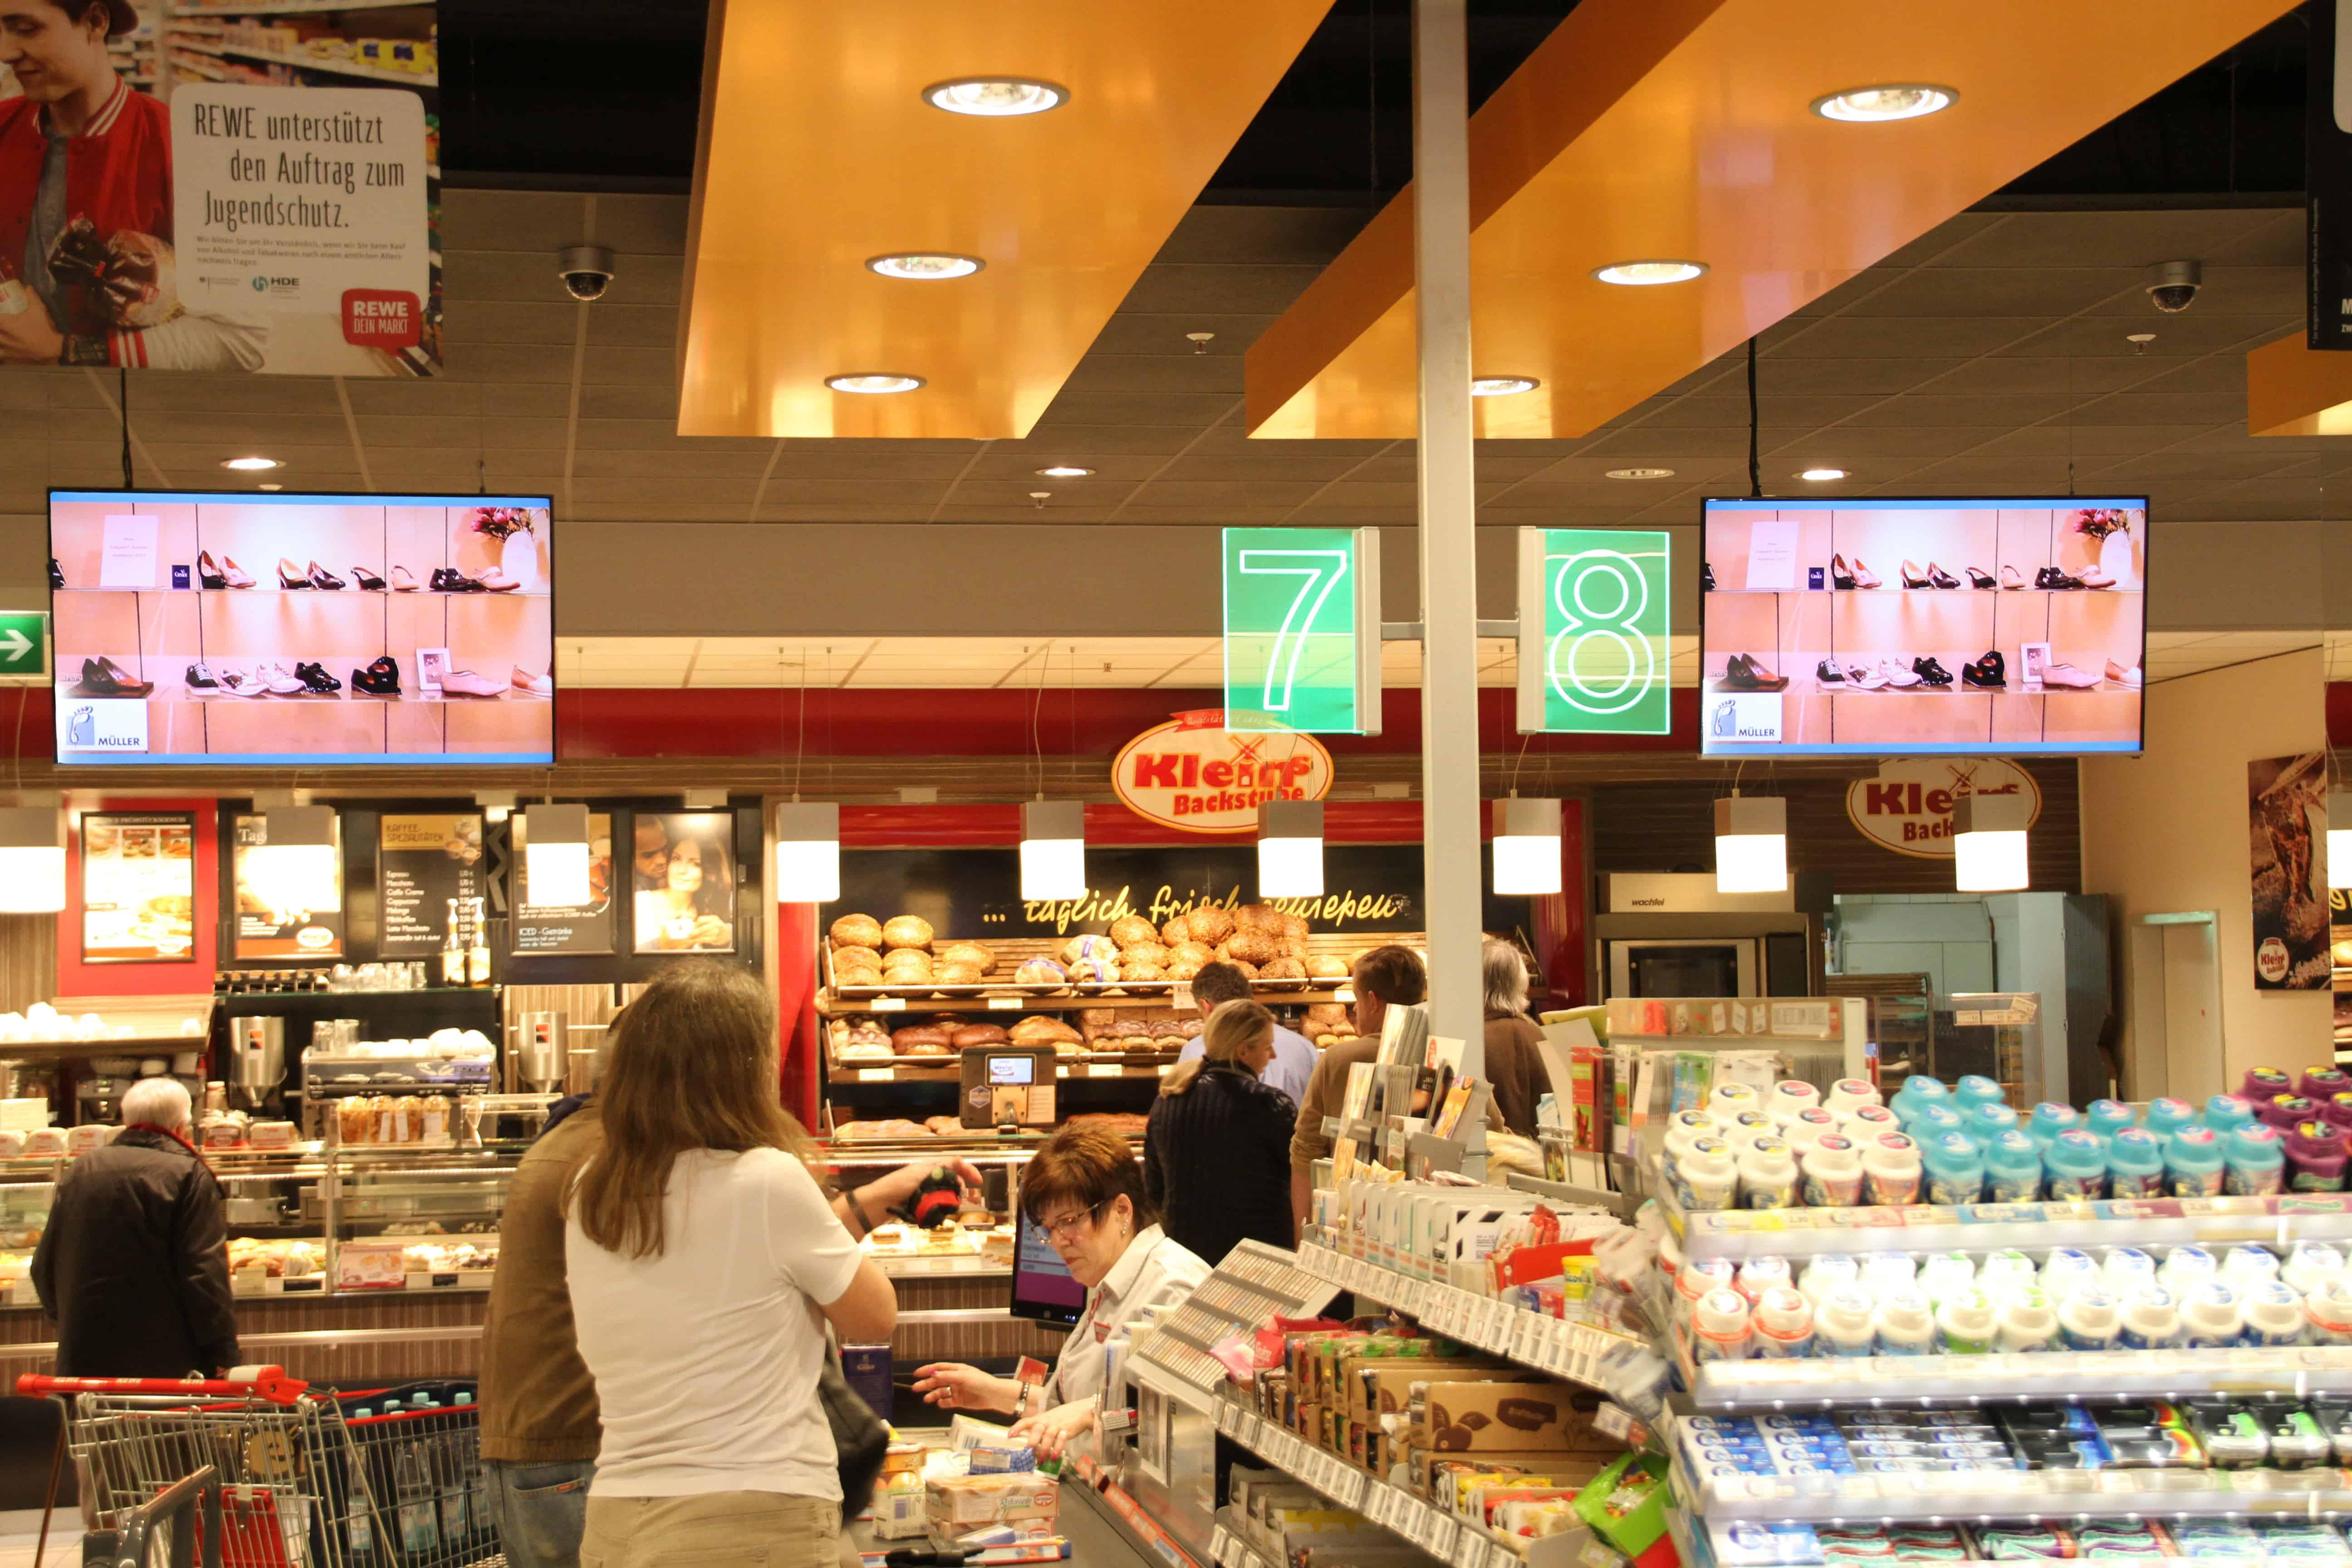 Bildschirmwerbung im Supermarkt